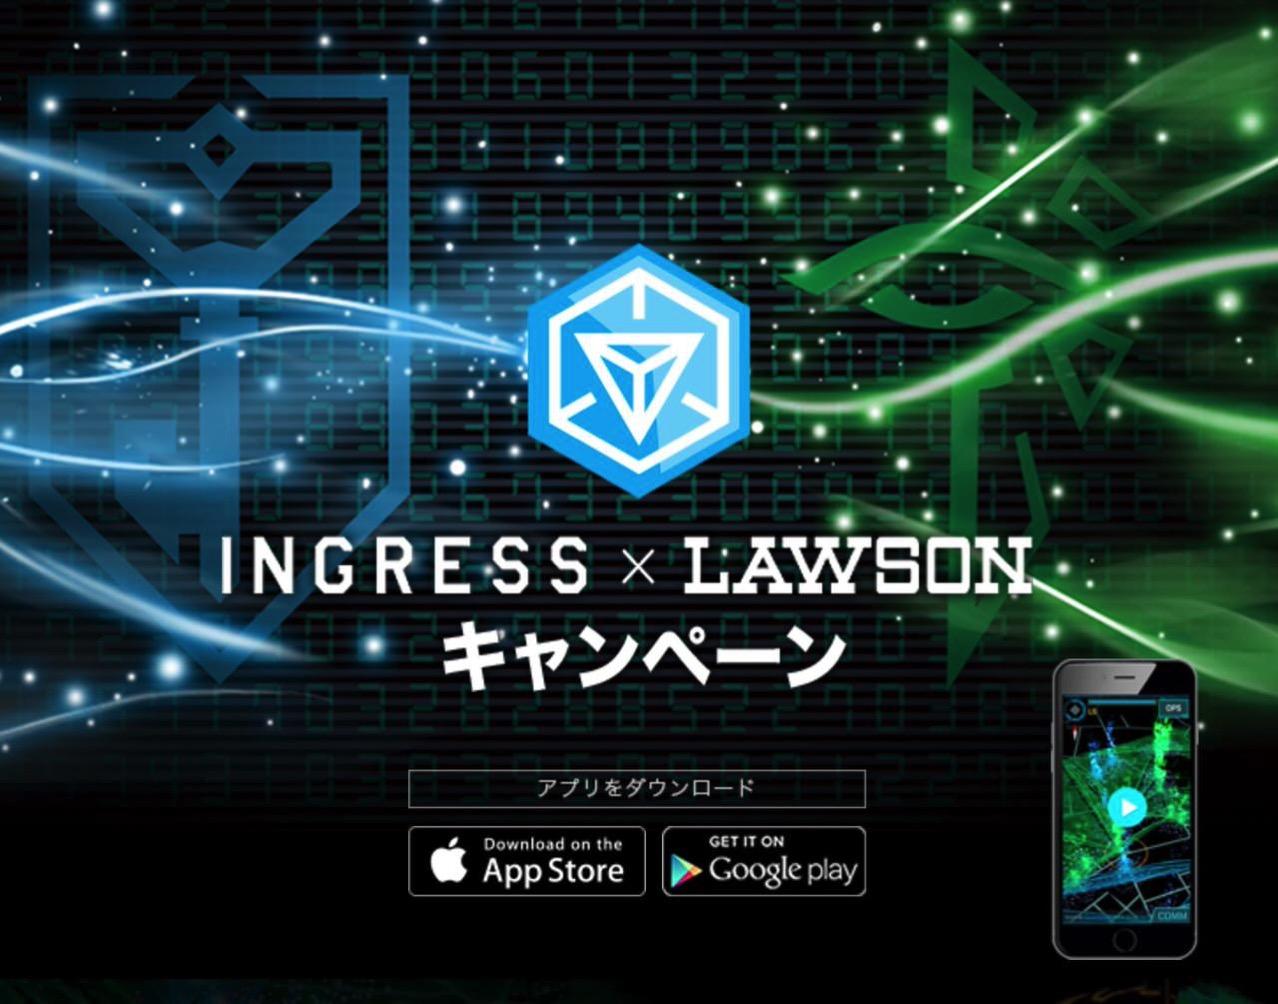 【Ingress】ローソンのスポンサード3周年を記念し「INGRESS x LAWSON」キャンペーンを実施